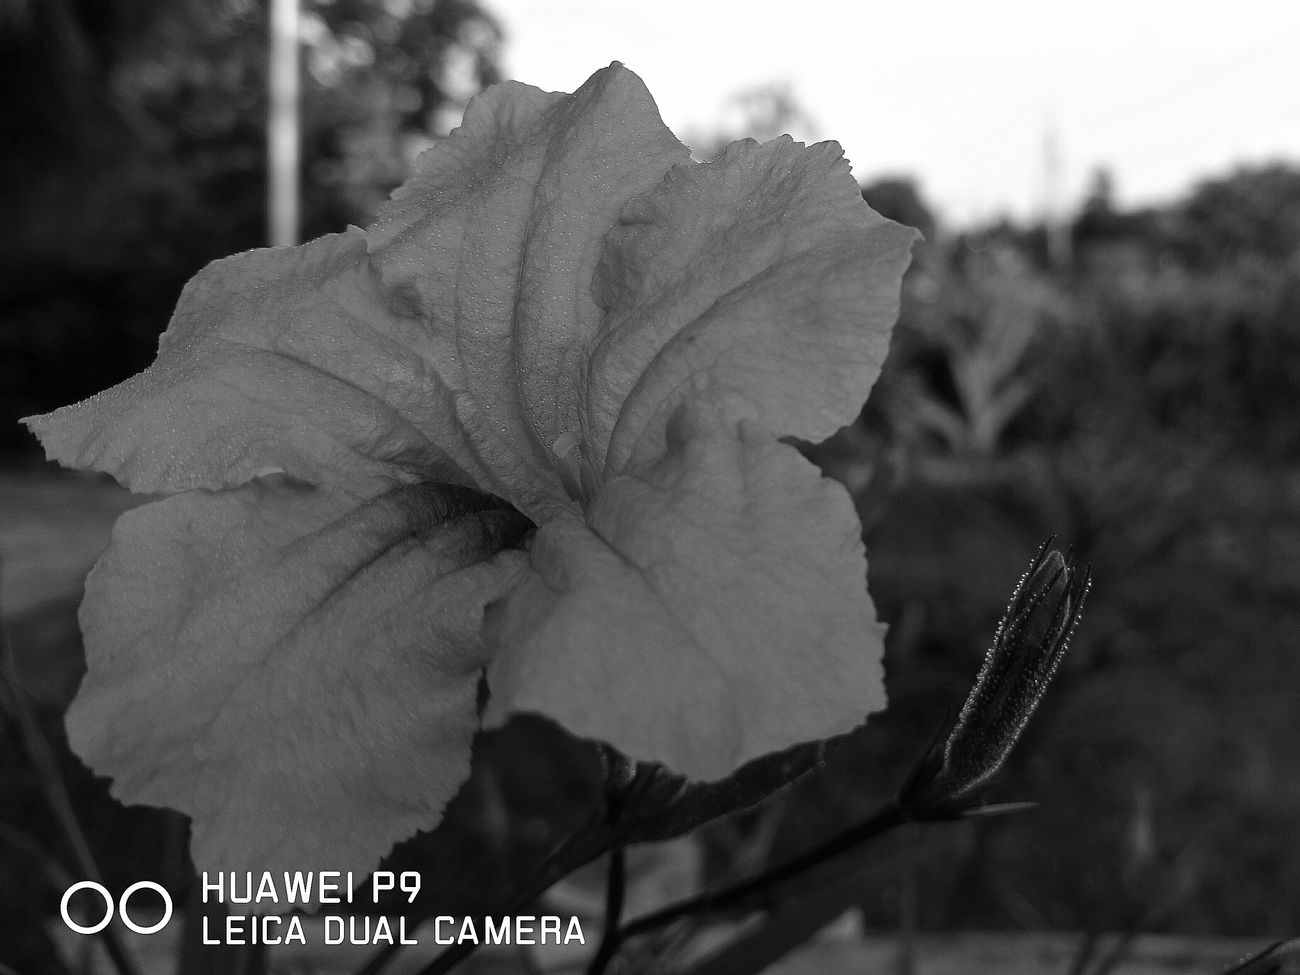 Đón ánh bình minh tháng 9 Huawei p9 Leica Dual Camera